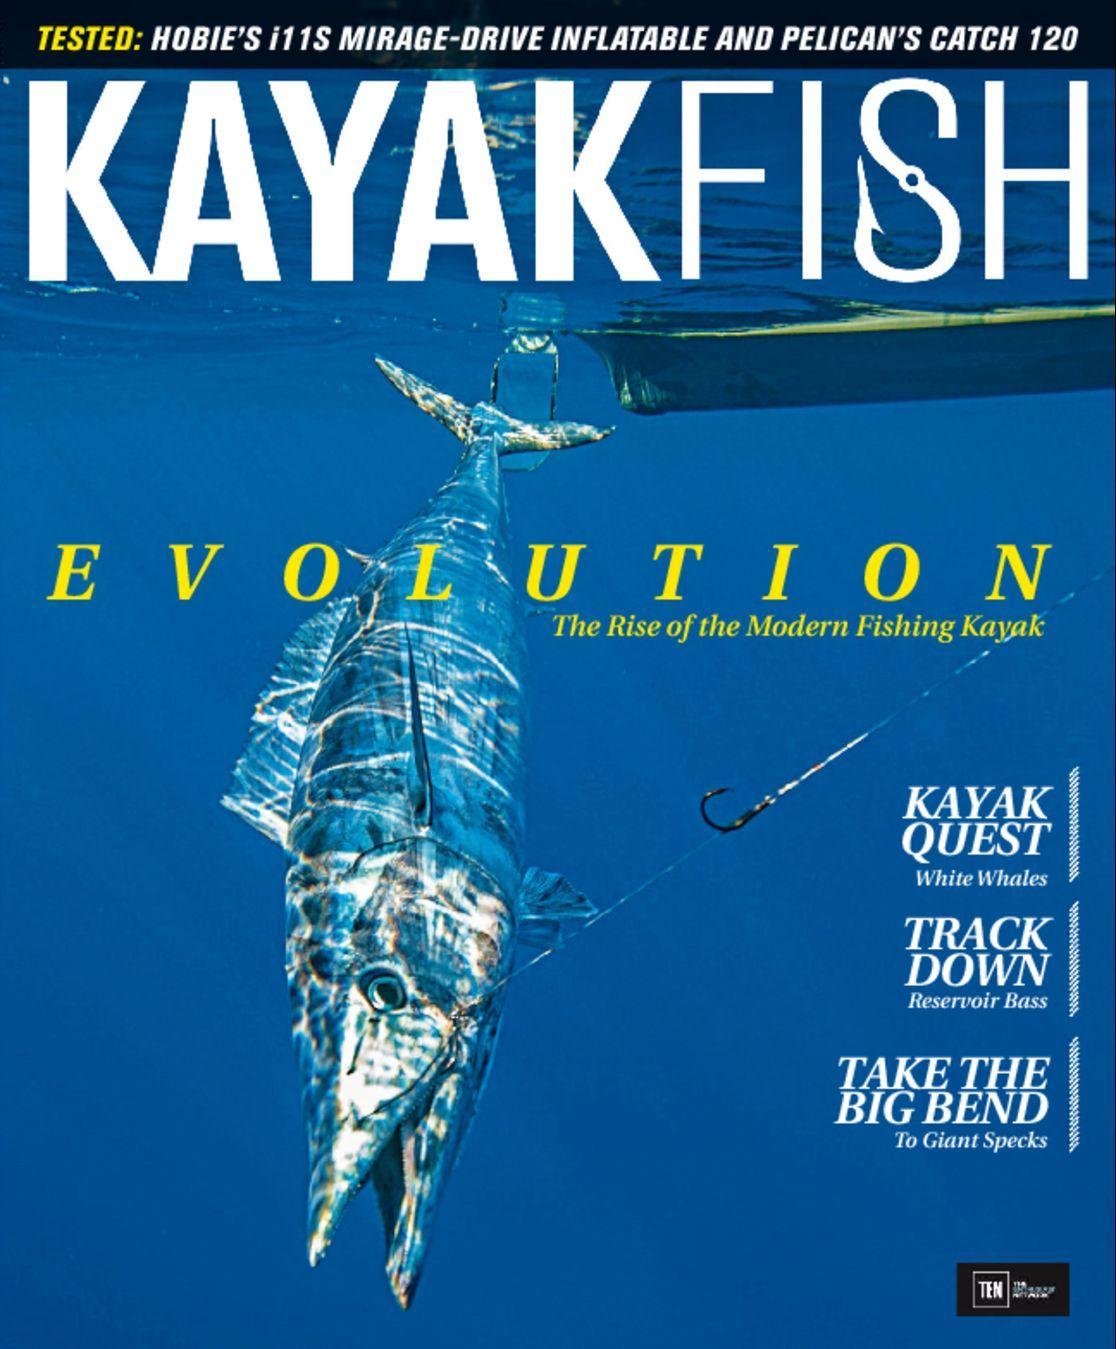 Kayak FISH Digital